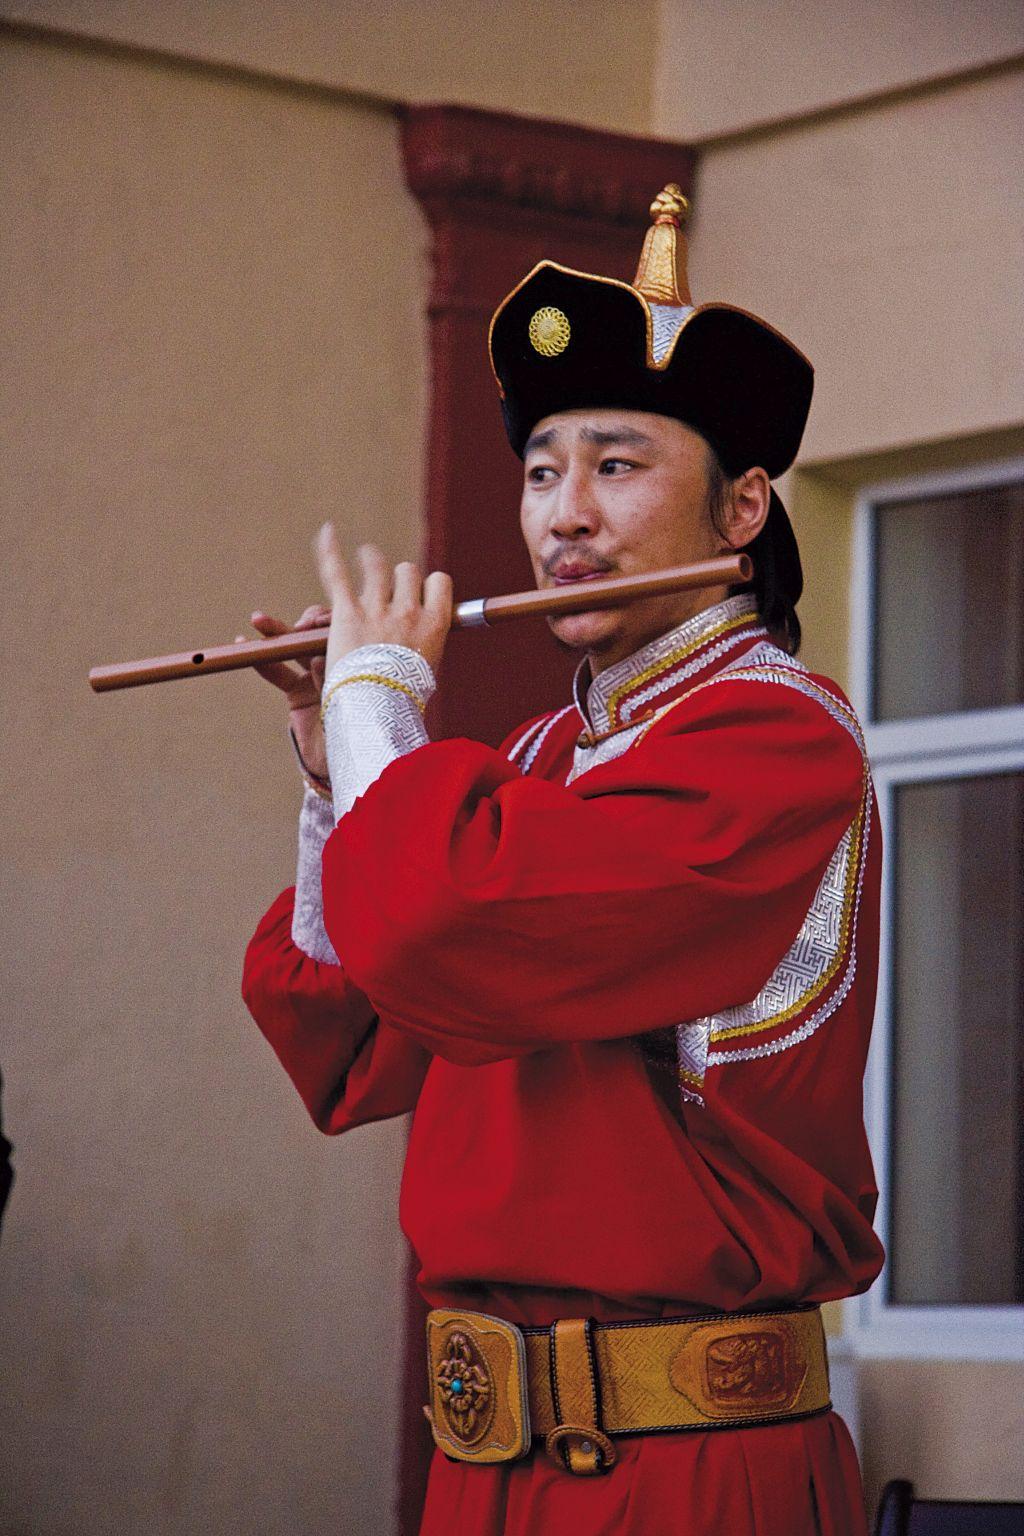 Músico Mongol durante Excursão na Transiberiana